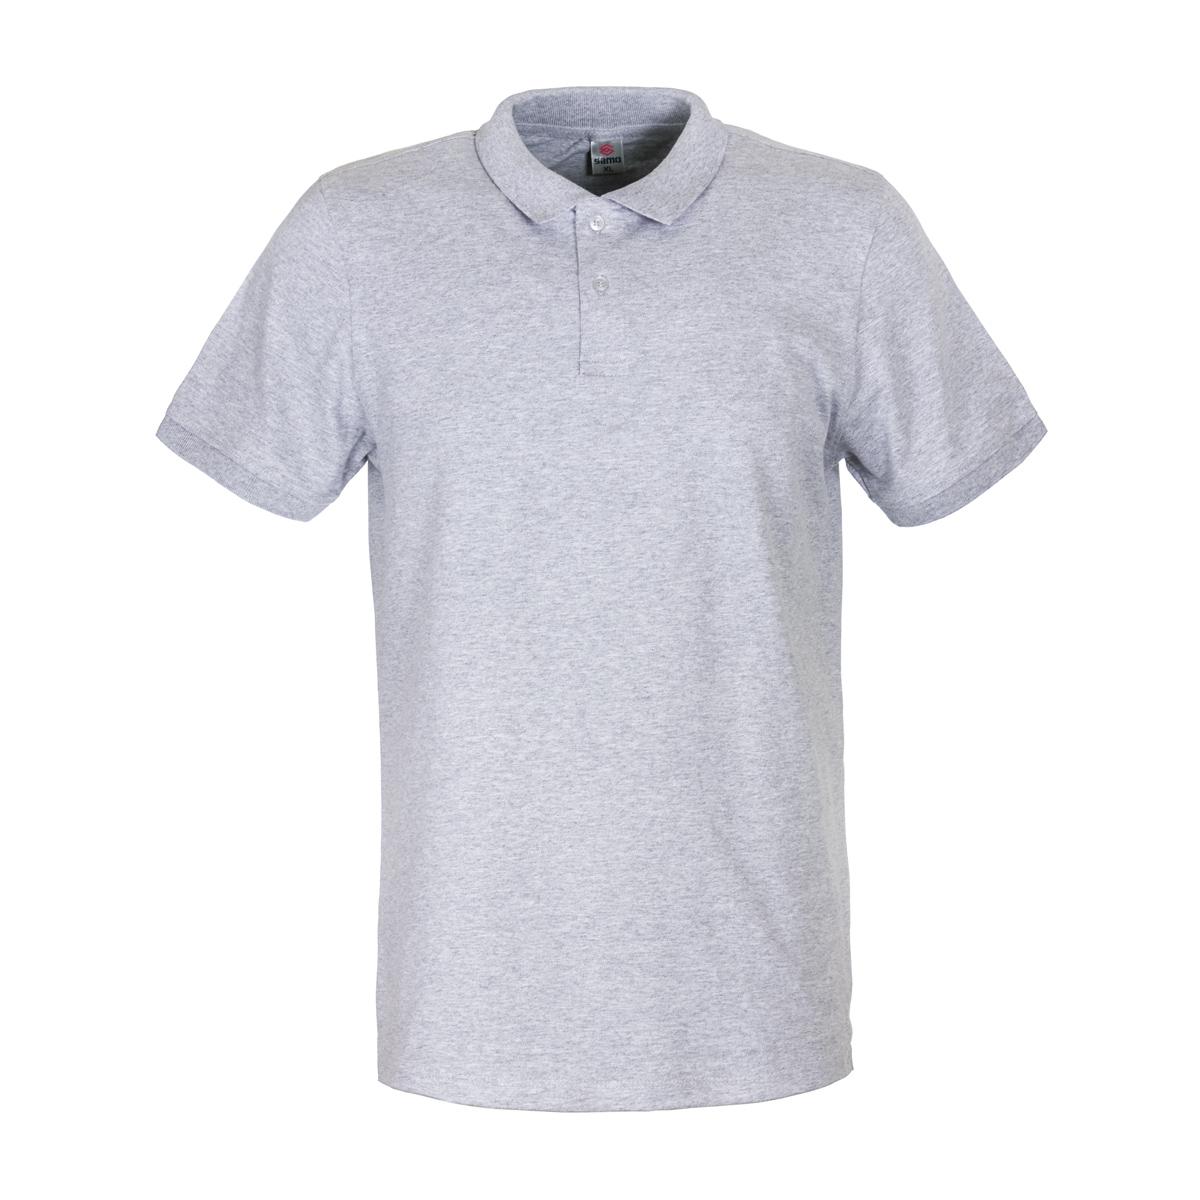 Муж. футболка арт. 04-0050 р. 50Майки и футболки<br>Фактический ОГ: 102 см <br>Фактический ОТ: 102 см <br>Фактический ОБ: 102 см <br>Длина по спинке: 73 см <br>Рост: 176-182 см<br><br>Тип: Муж. футболка<br>Размер: 50<br>Материал: Пике